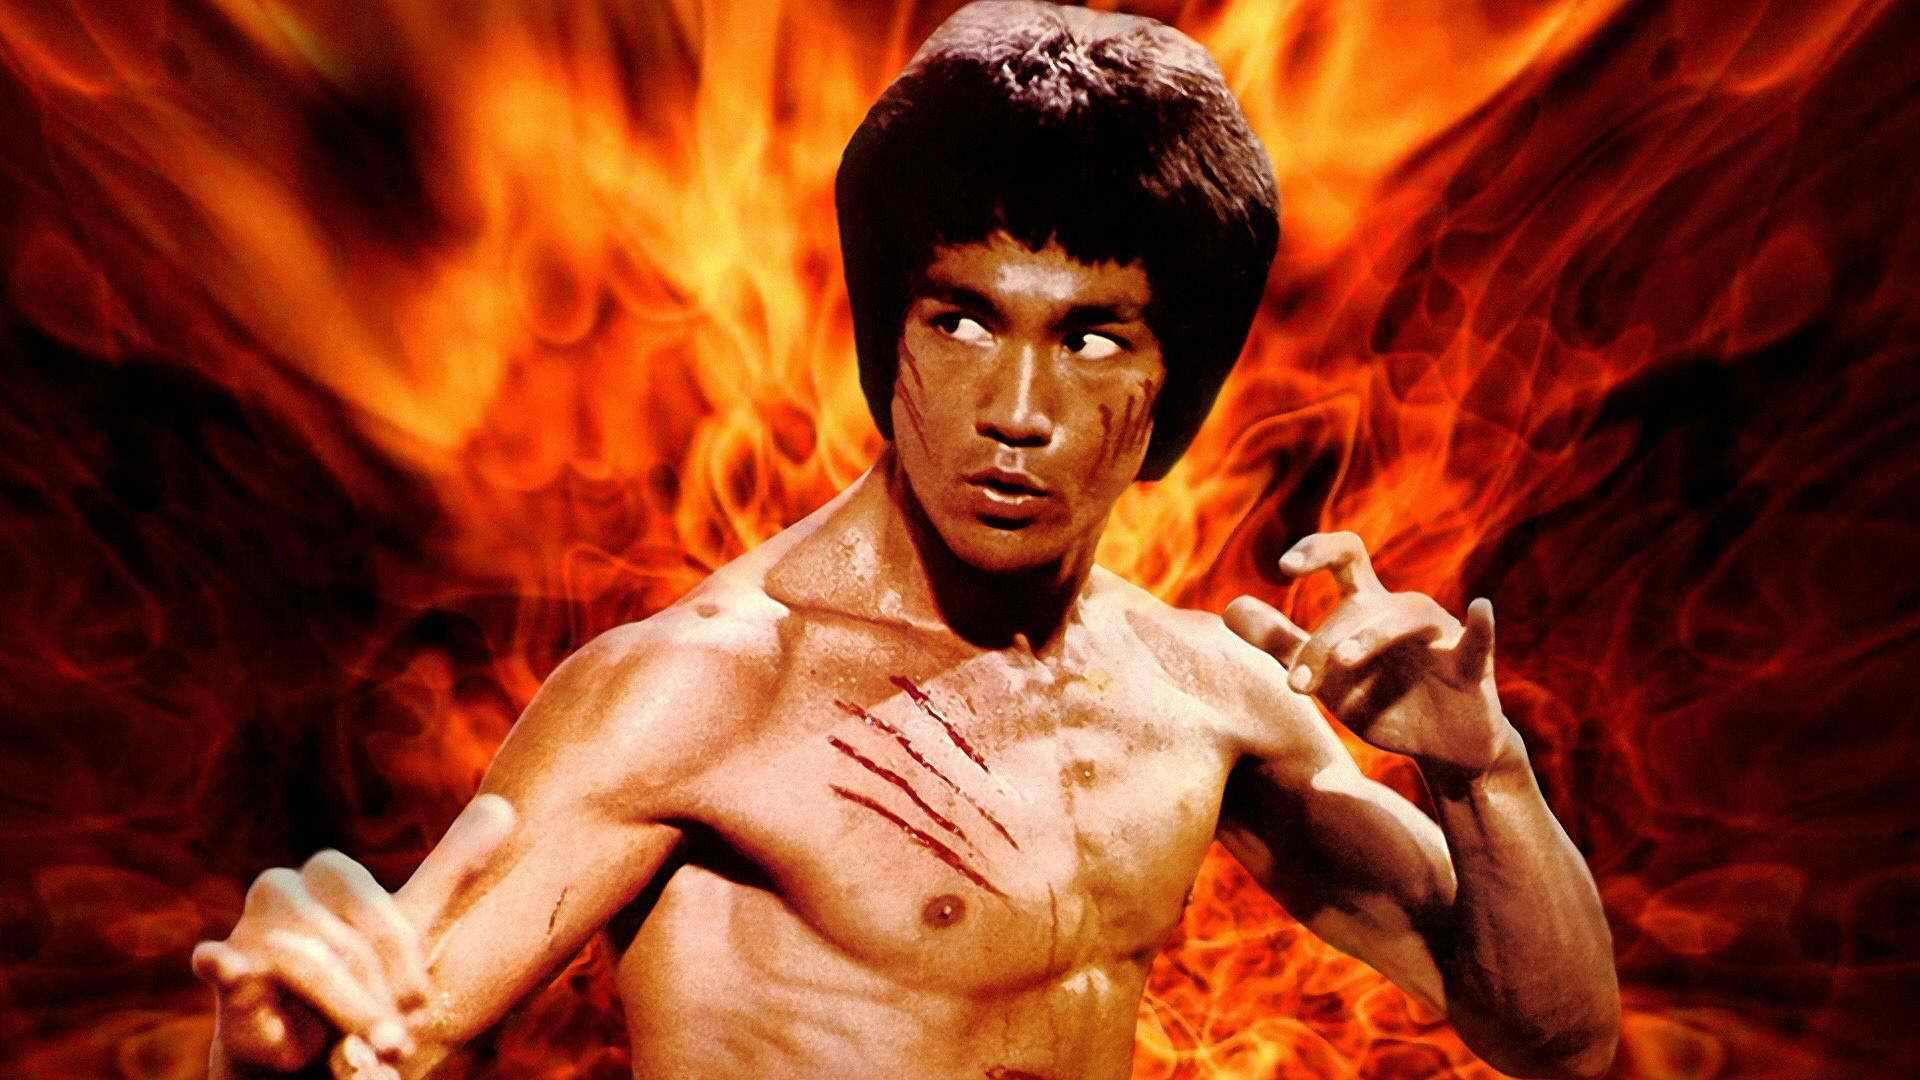 Cuộc đời vị đệ tử thành công nhất của Lý Tiểu Long, đồng thời là cha đẻ của bộ môn Kickboxing